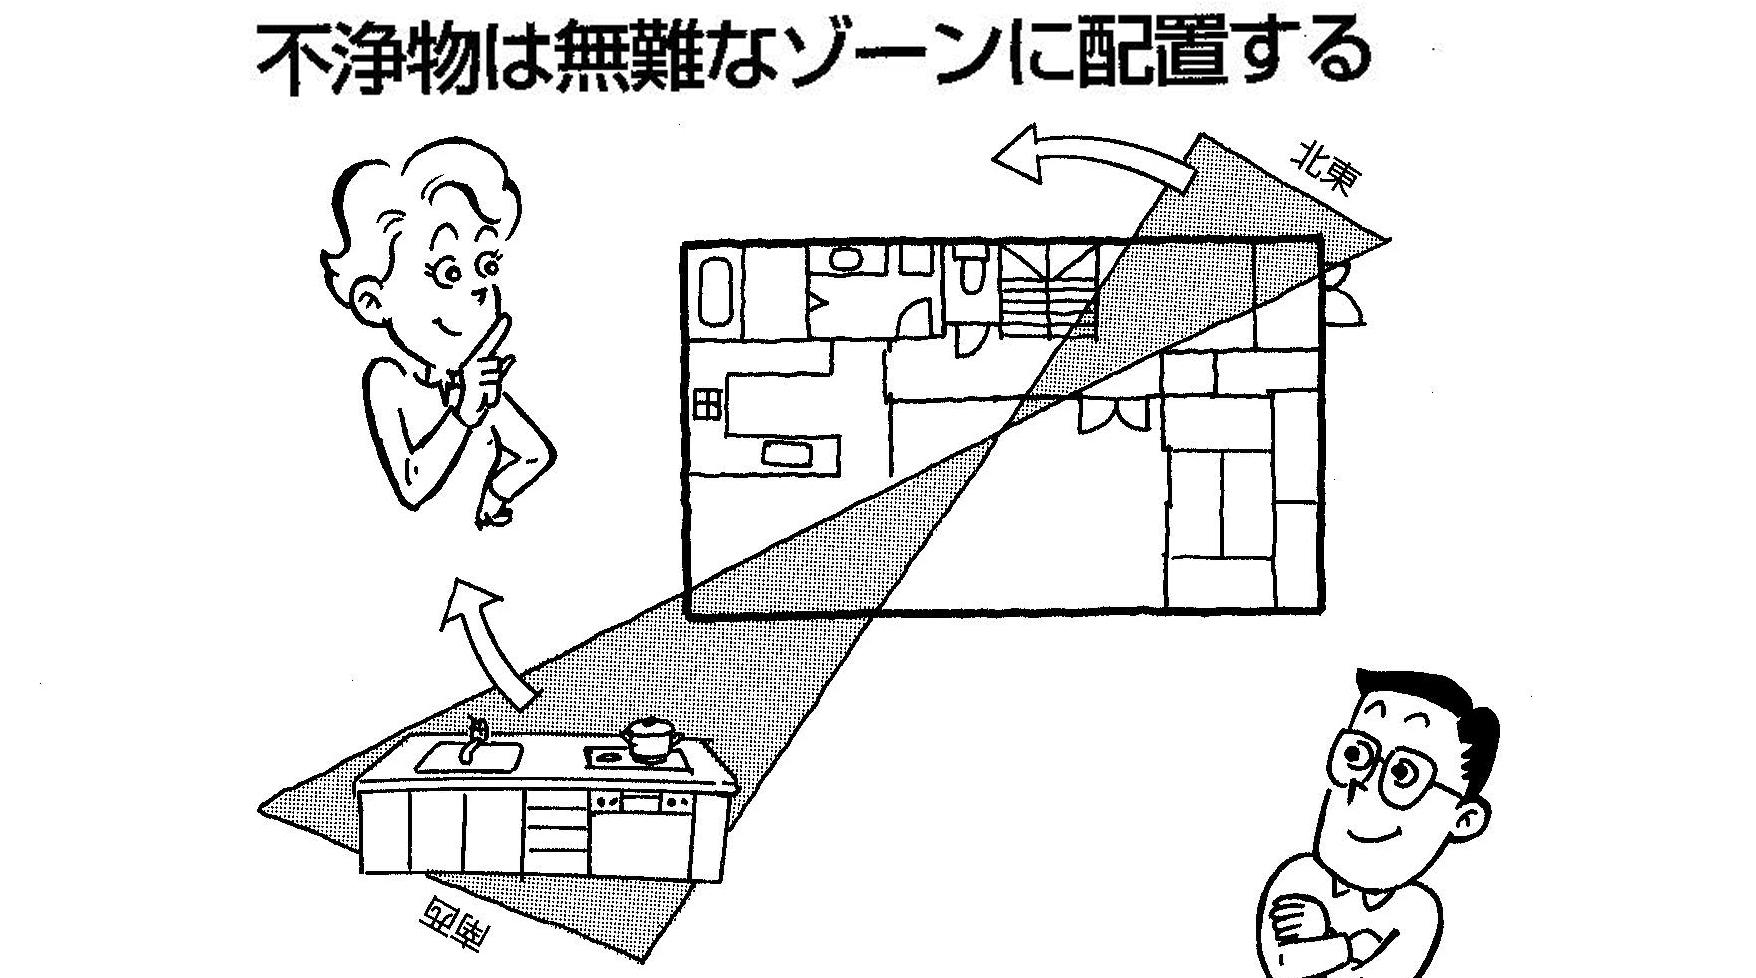 【実践できる家相建築の知恵―15】<br>家相と風水の考え方はどこが違うのか?